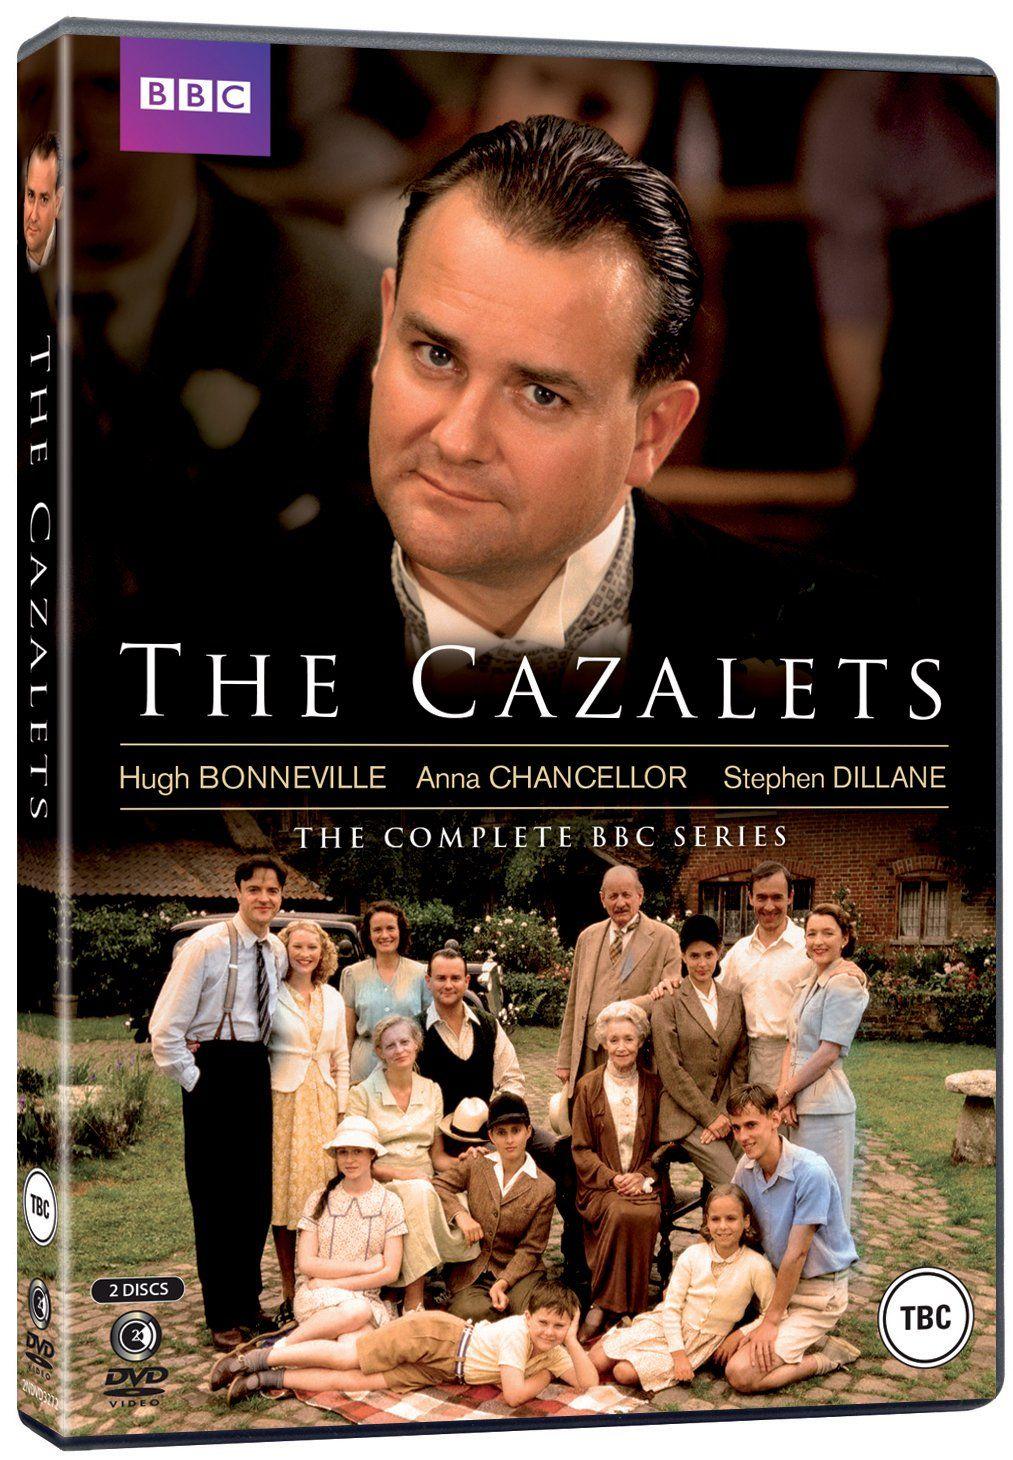 The Cazalets Dvd Reino Unido Dvd Cazalets Unido Reino Mejores Peliculas Romanticas Peliculas De Epoca Series Y Peliculas